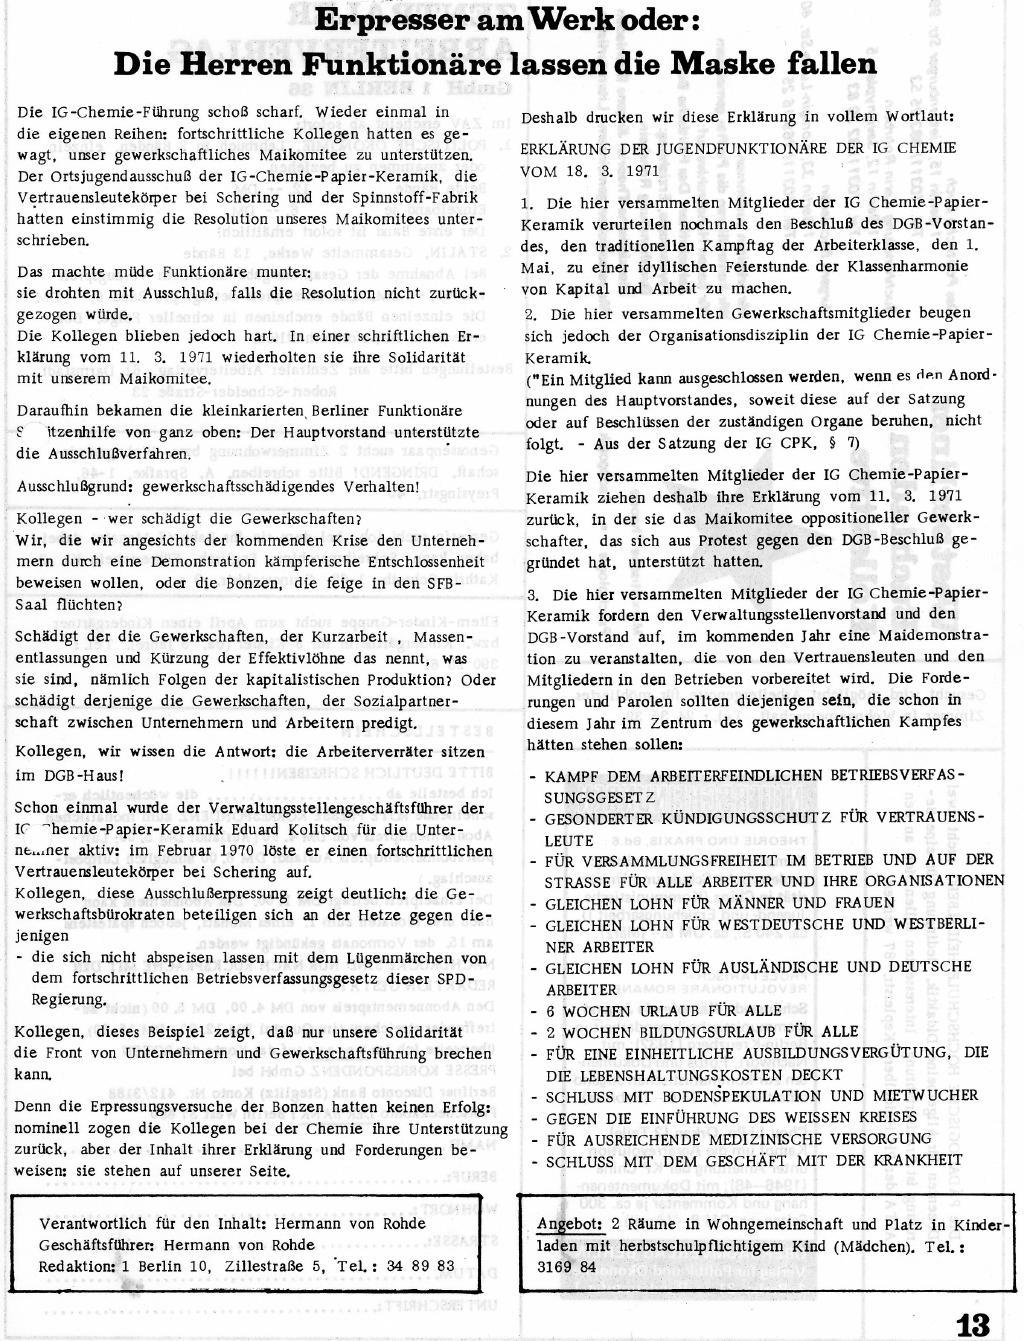 RPK_1971_108_13